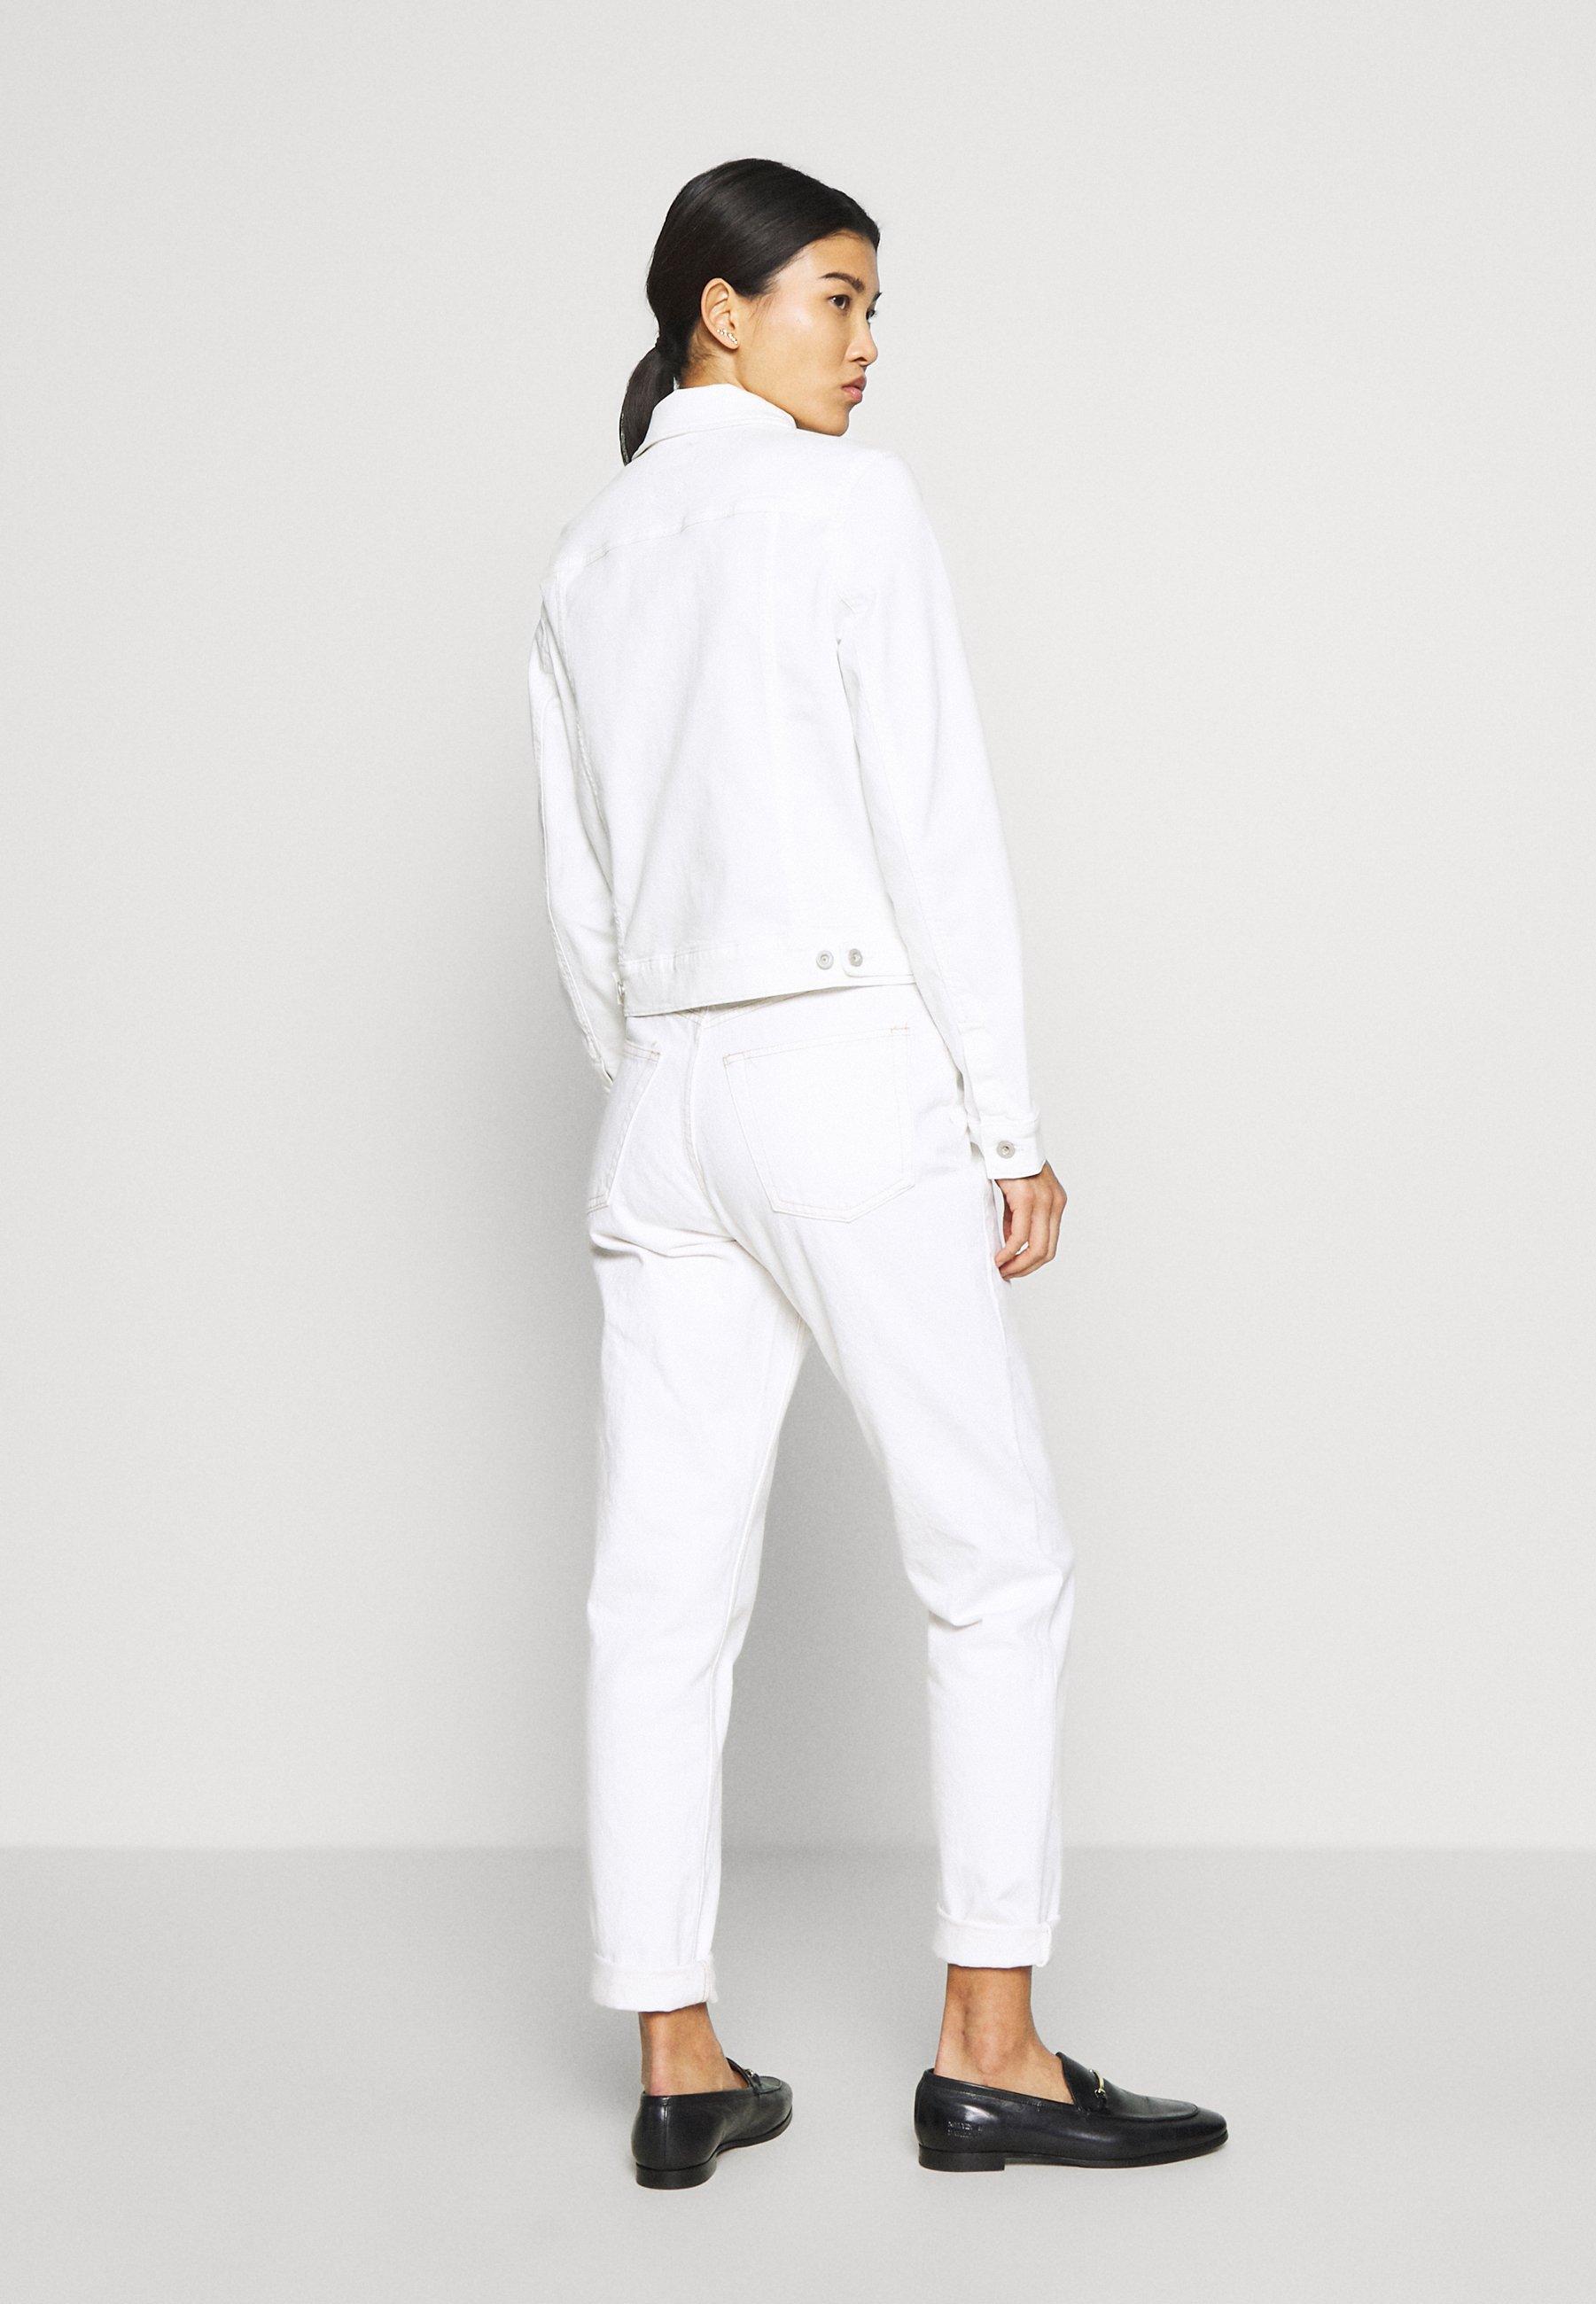 Marc O'polo Jacket Button Closure Garment Dyed - Farkkutakki Soft White